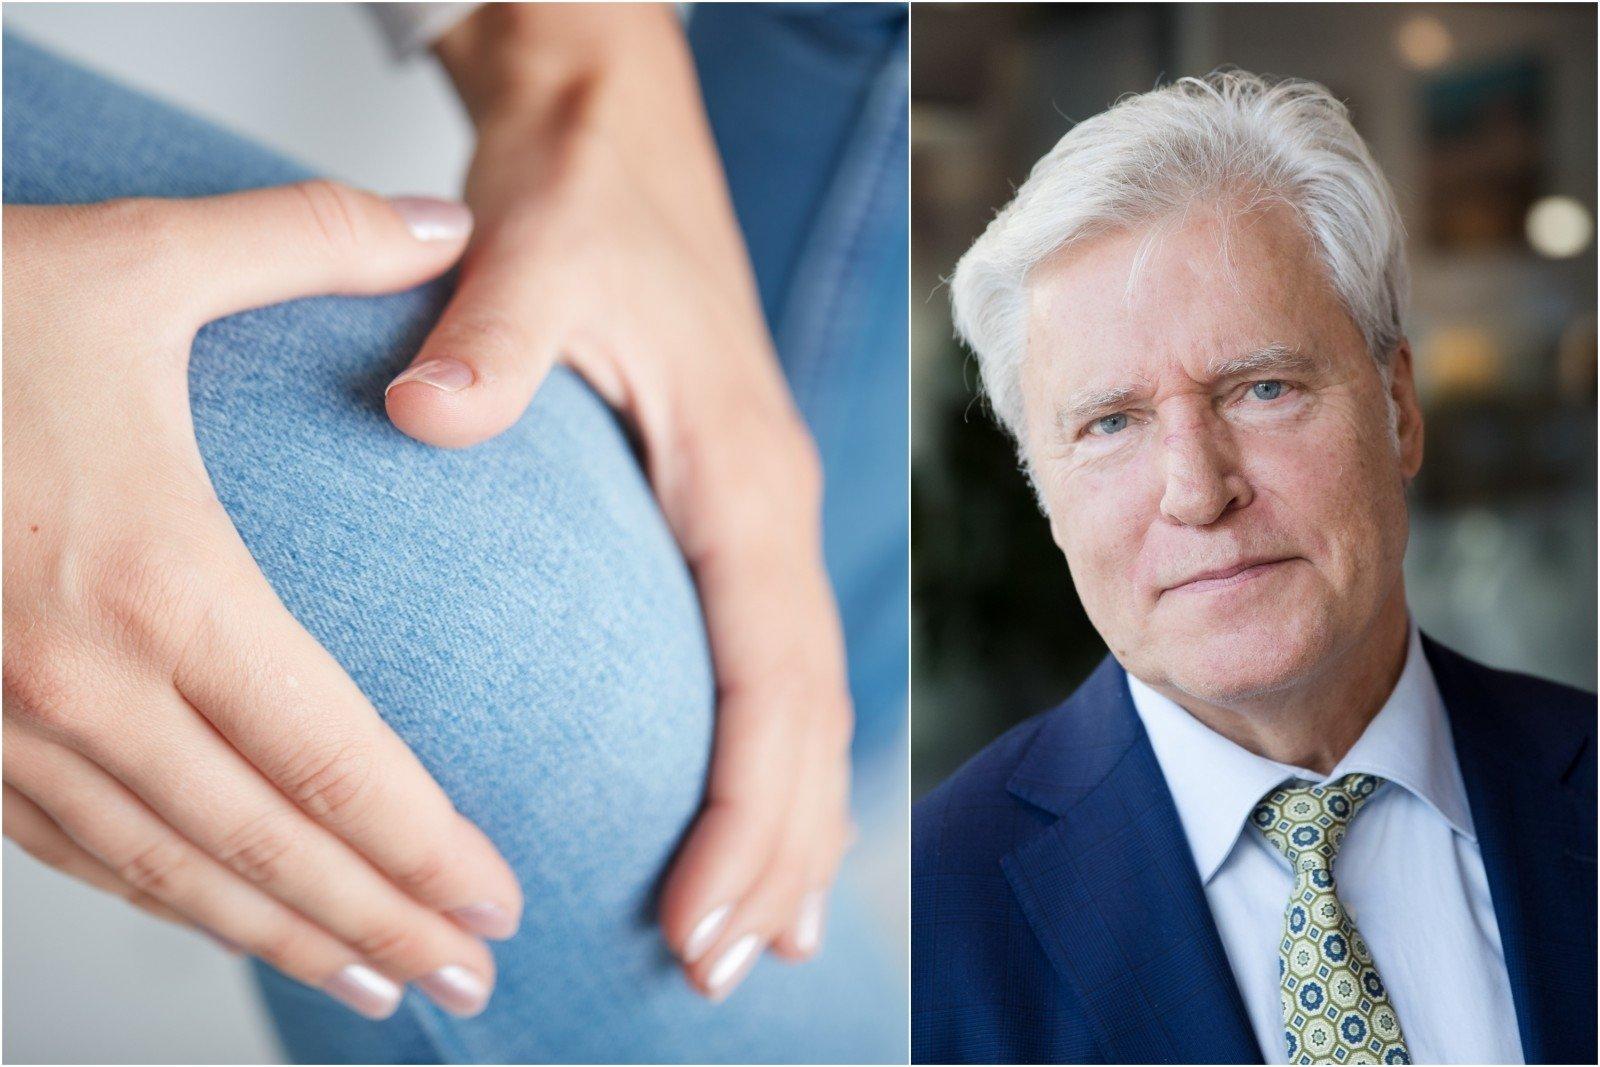 radikali gydymo metodas artrozei išlaikyti liga peties artrozės